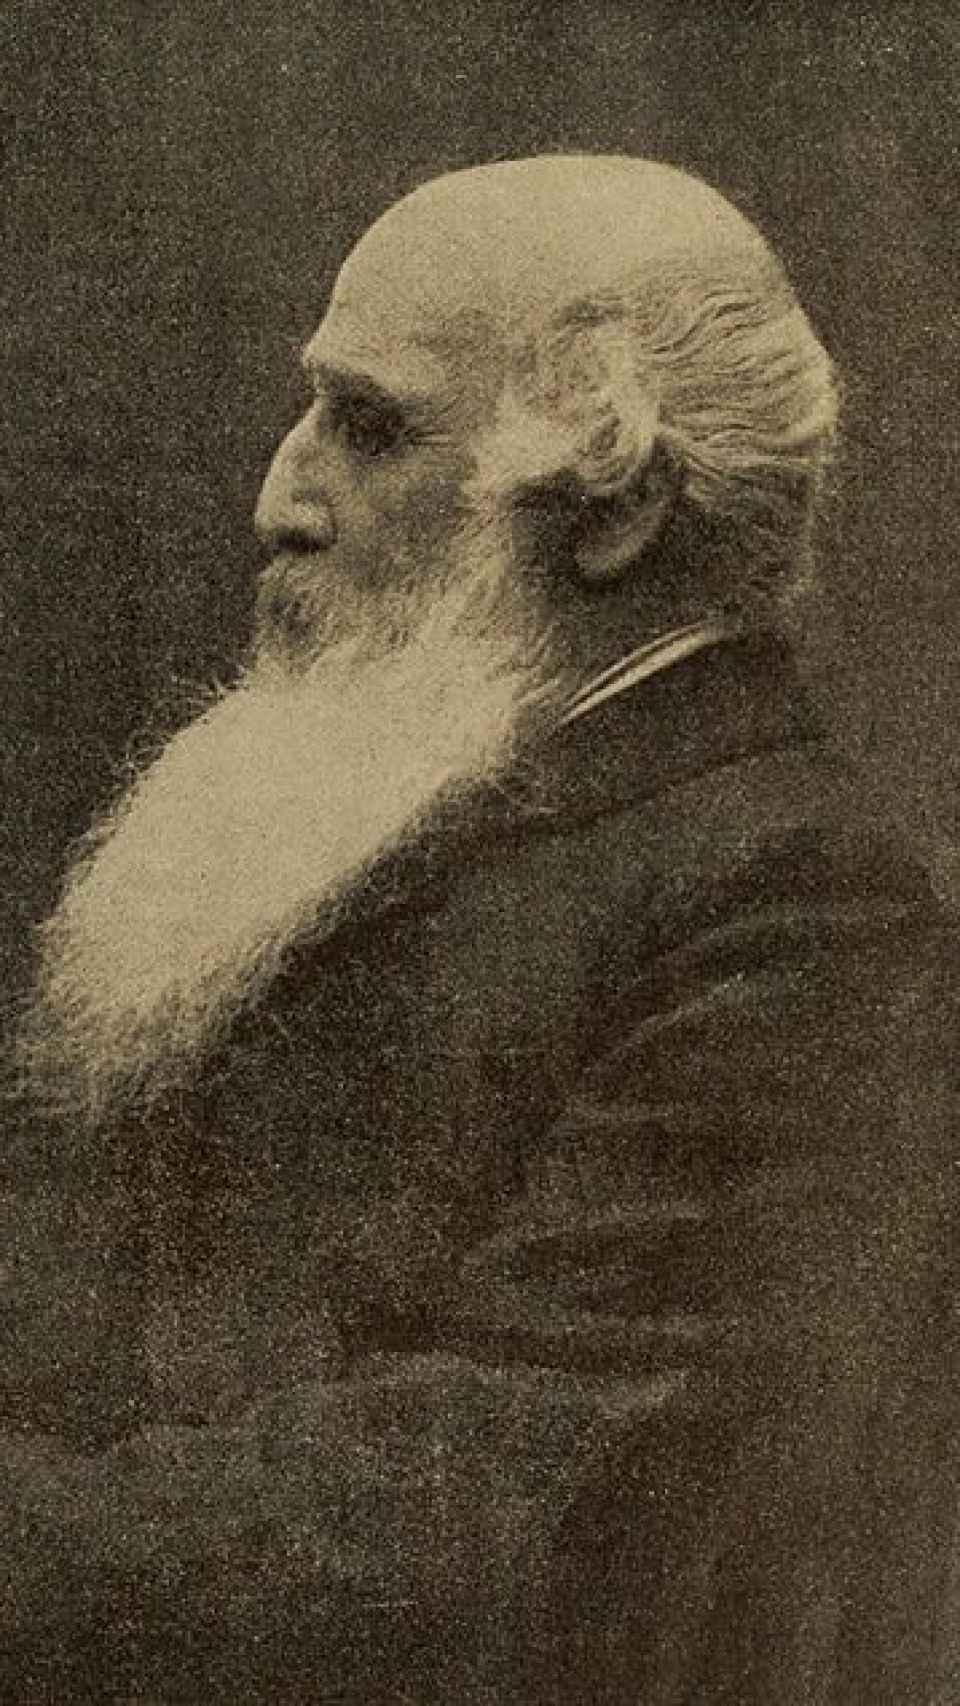 El pintor Camille Pissarro.